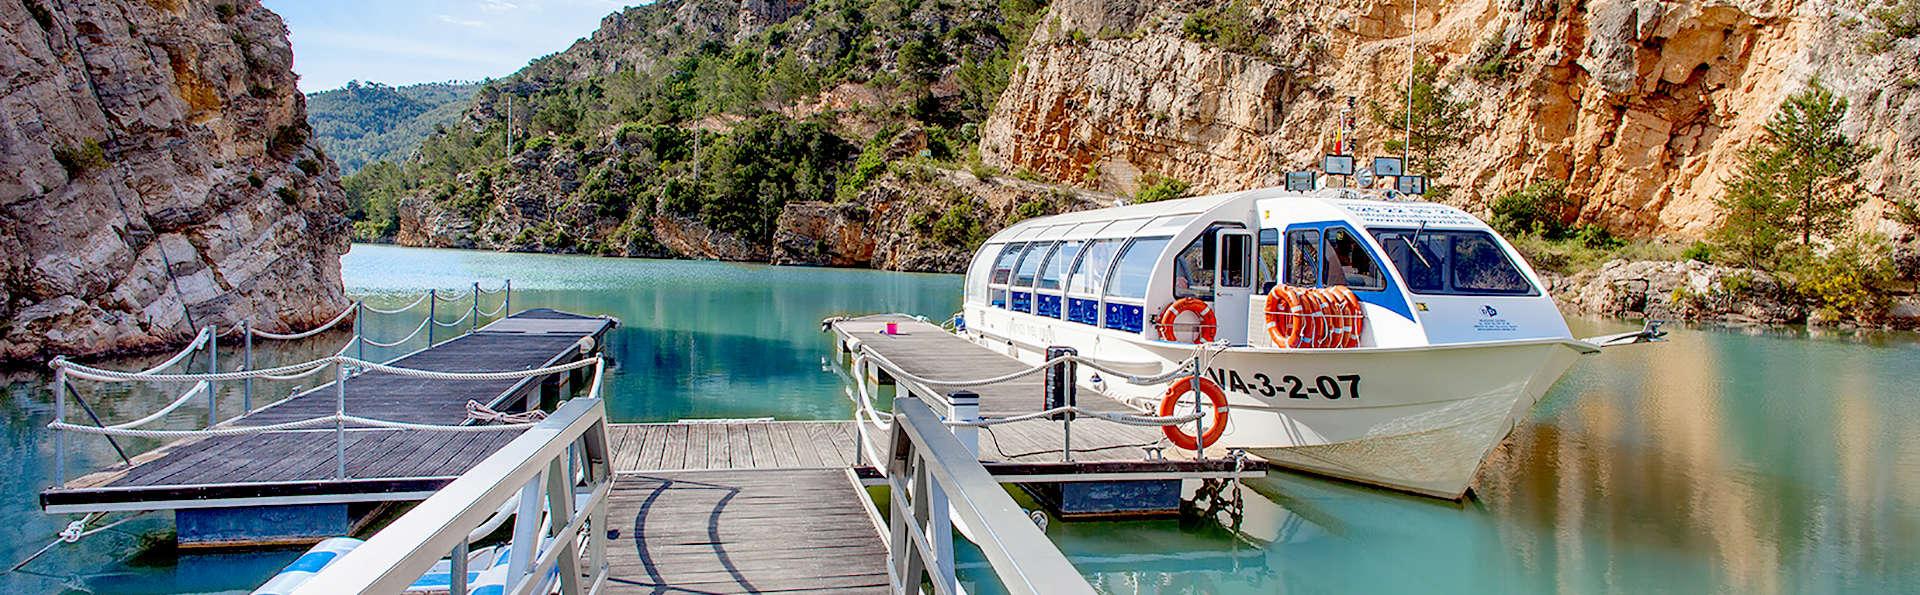 Week-end détente avec croisière sur le fleuve Júcar et accès au circuit thermal à Cofrentes